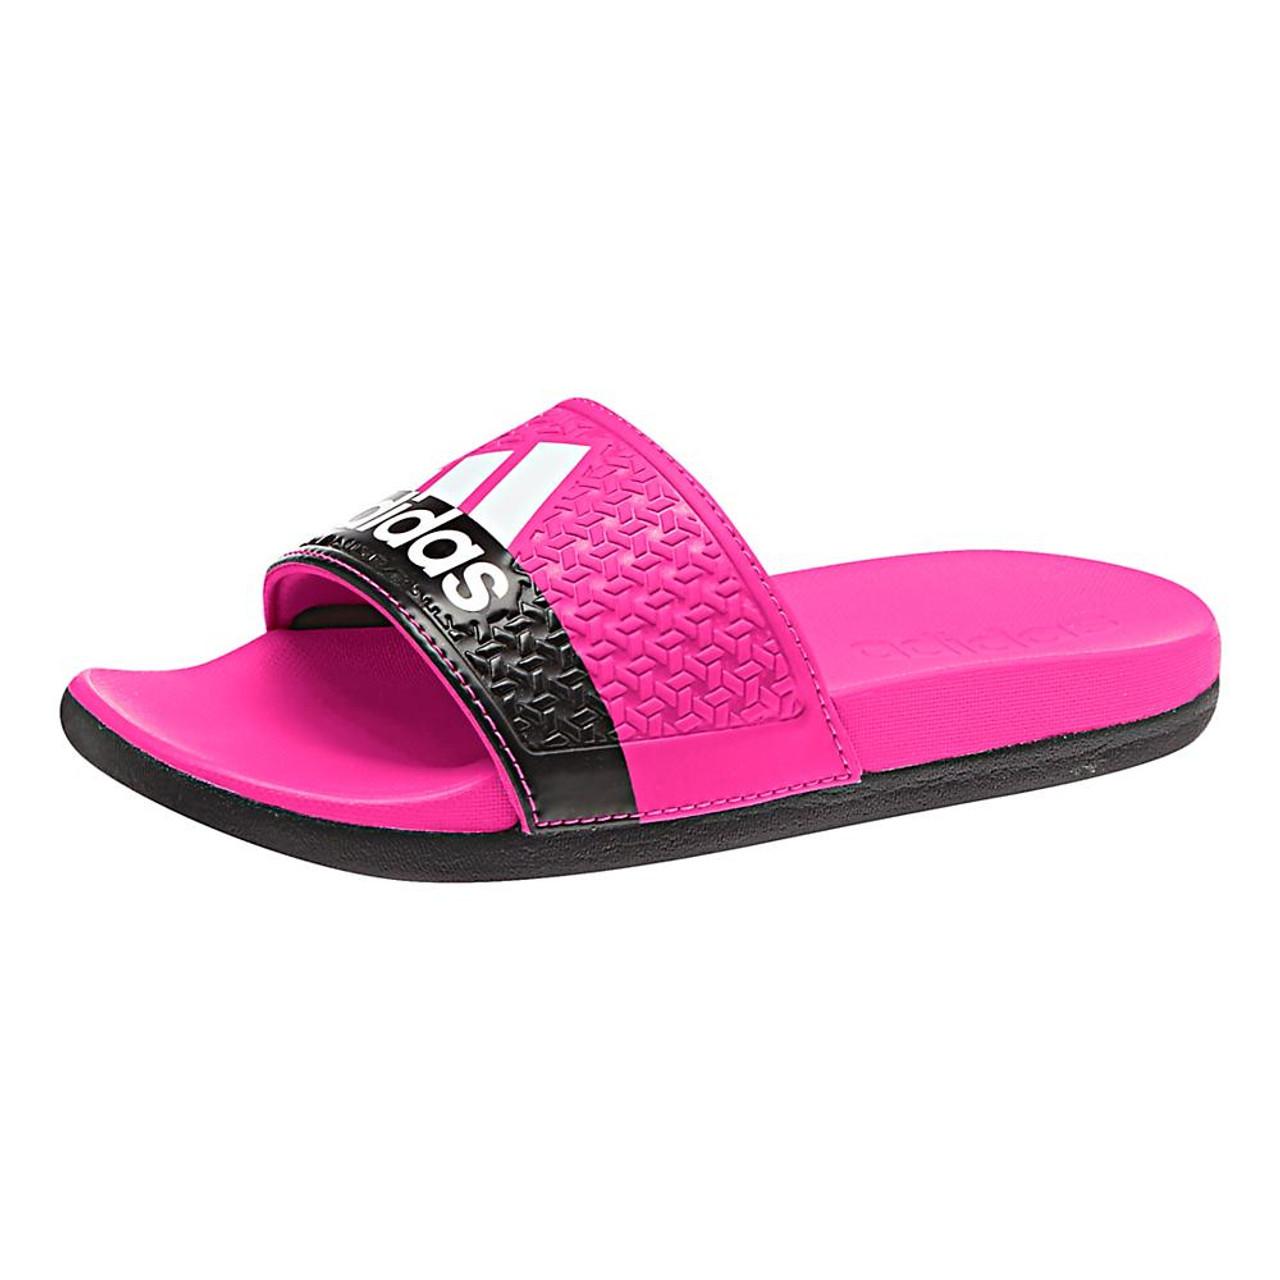 adidas Kids Comfort Sandal C Slide